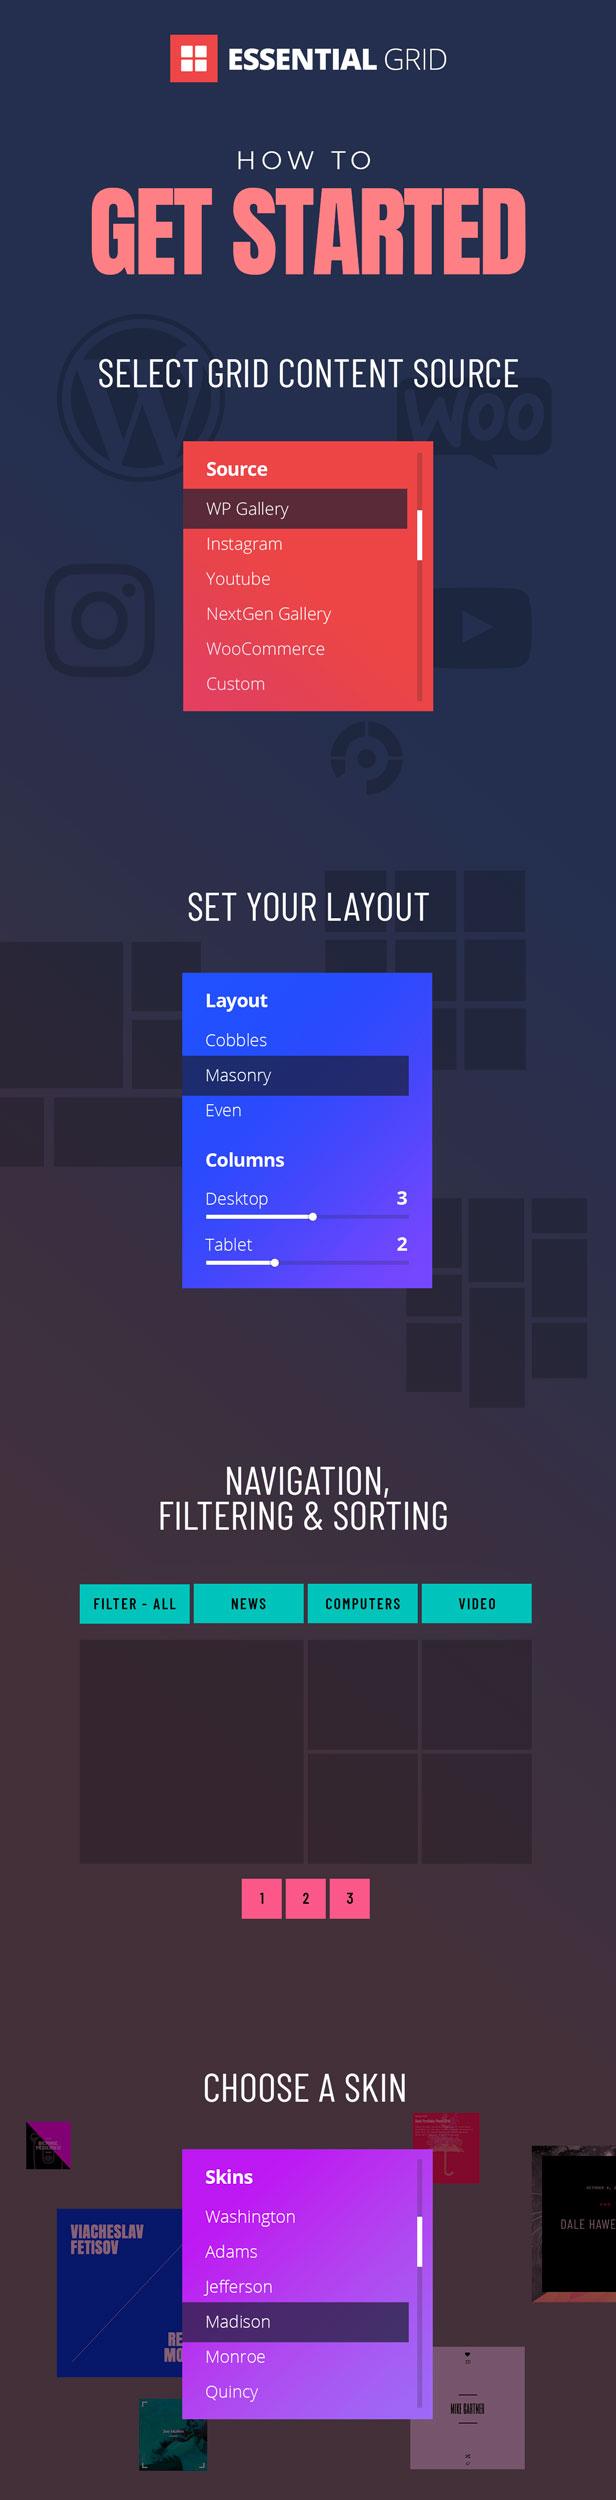 Essential Grid Gallery WordPress Plugin - 3